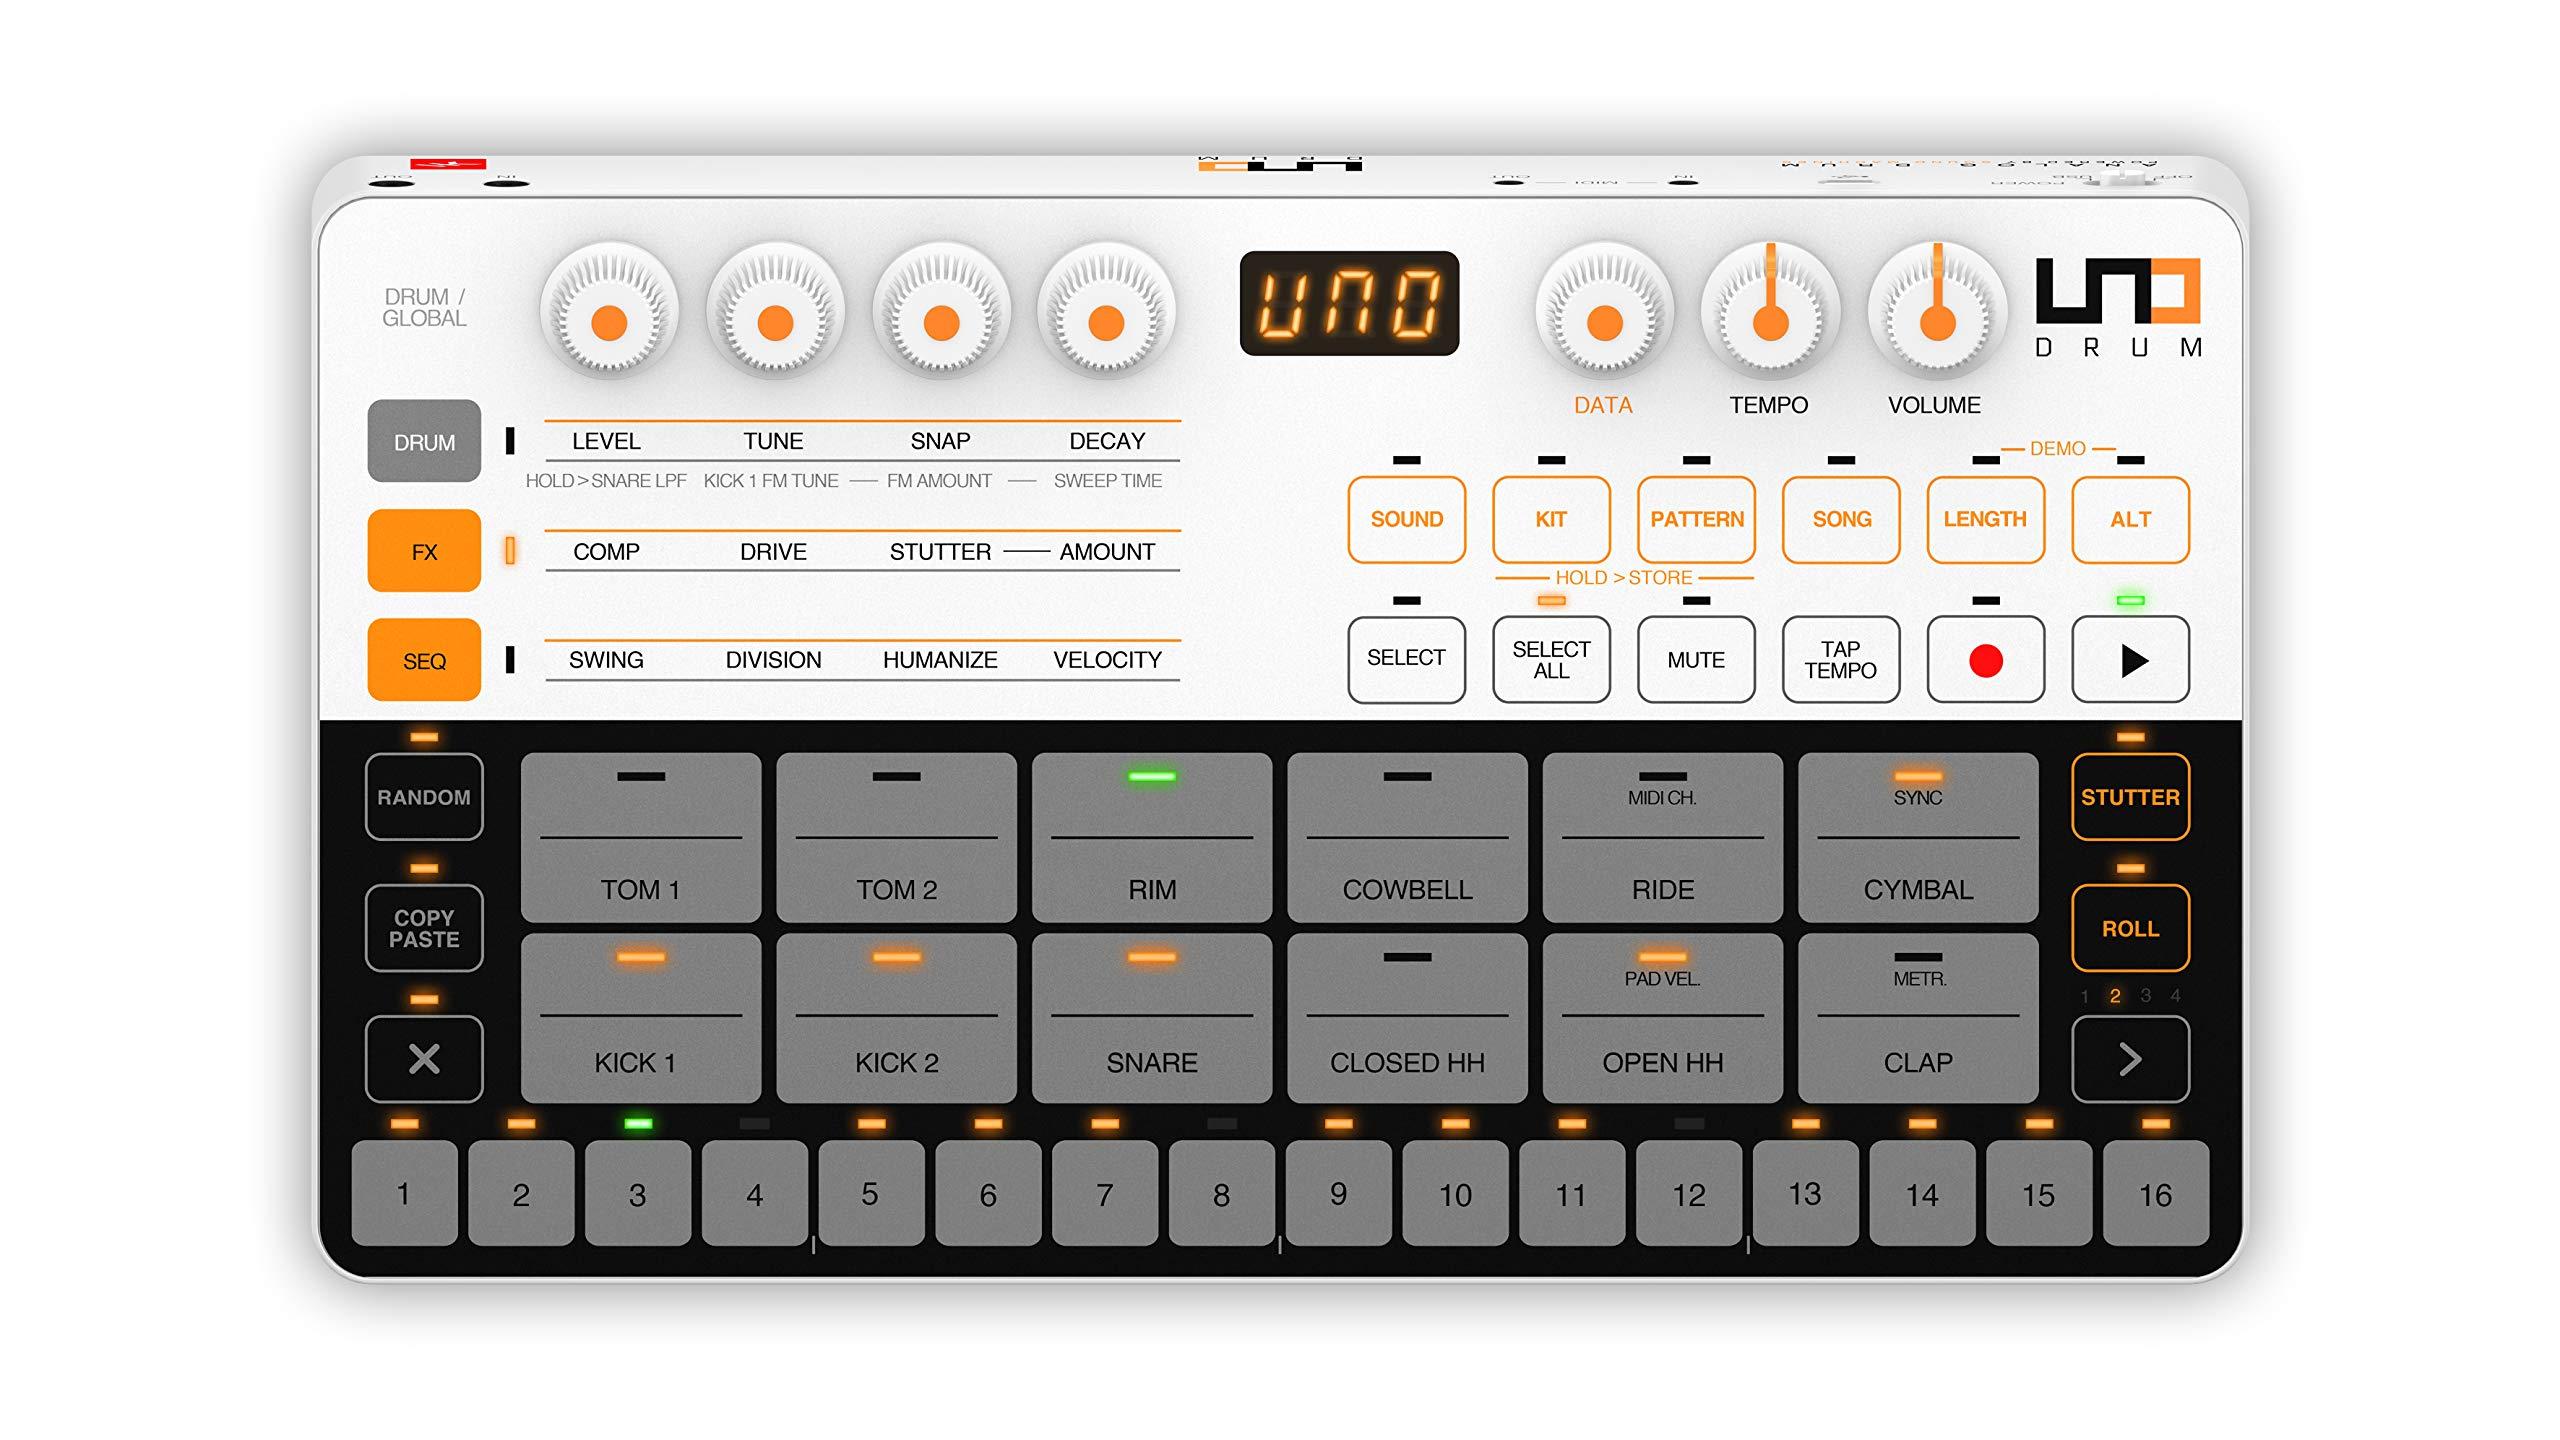 IK Multimedia UNO Drum Portable Analog/PCM Drum Machine (IP-UNO-DRUM-IN)